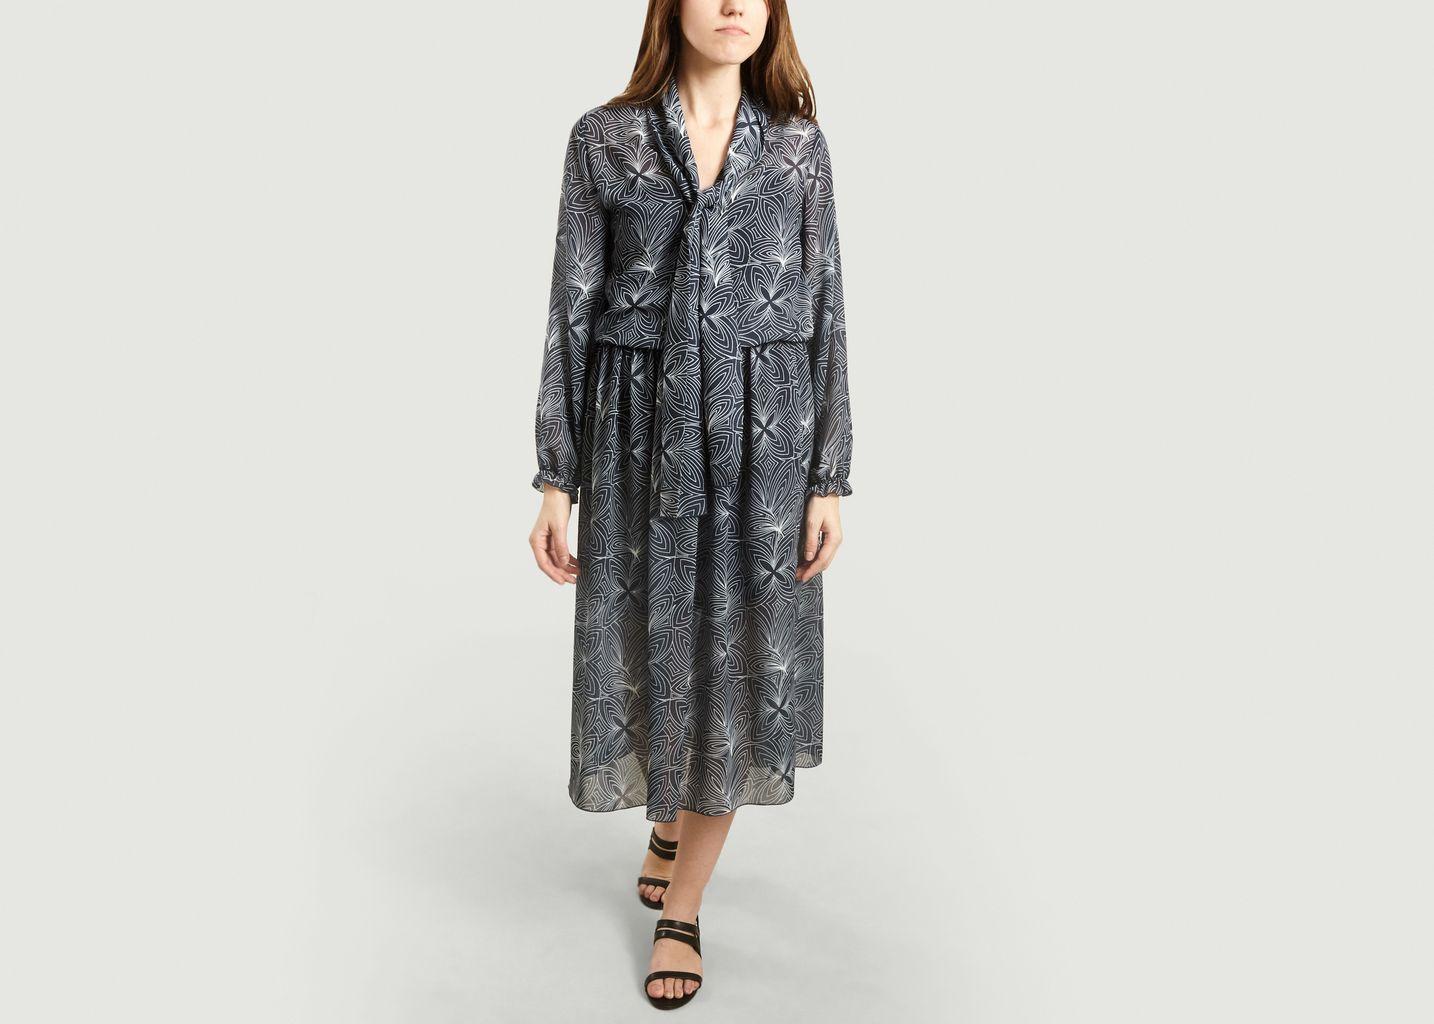 Robe Smockée - See by Chloé